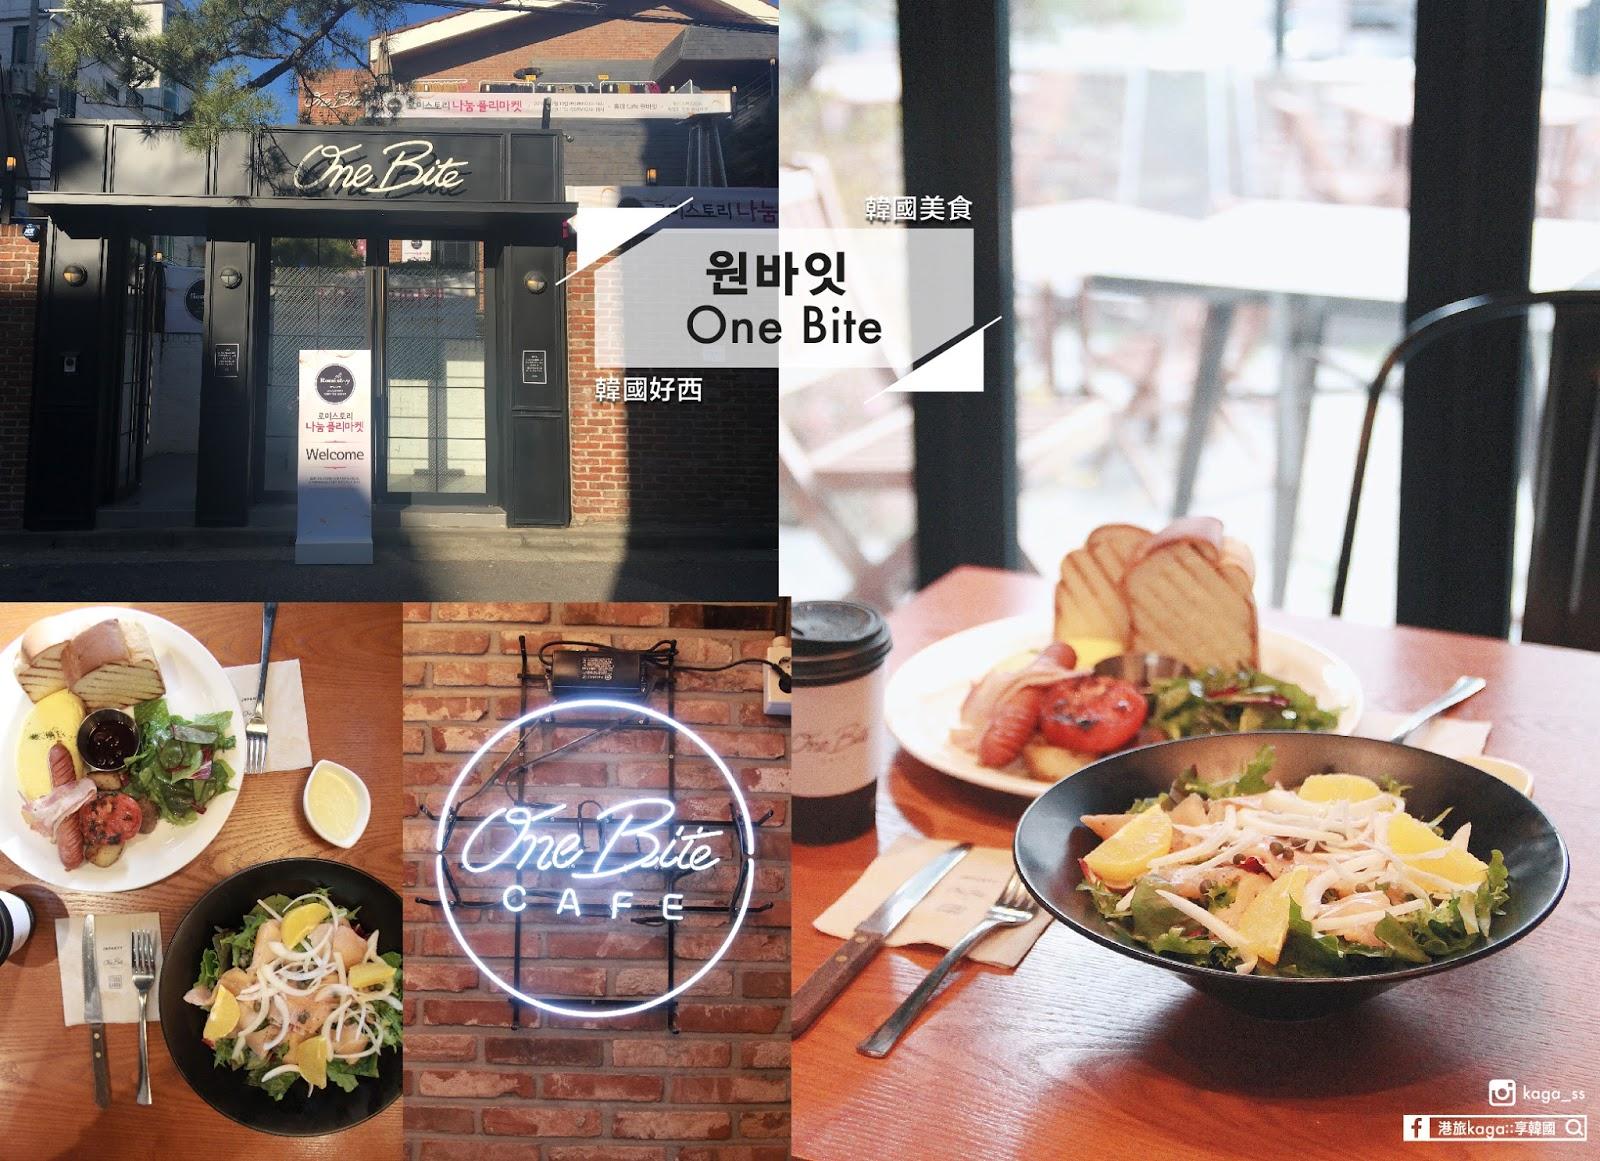 【韓國美食 / 好西】弘大/ 延南洞 Brunch 早午餐店 BEST 7推介 - 港旅kaga::享韓國